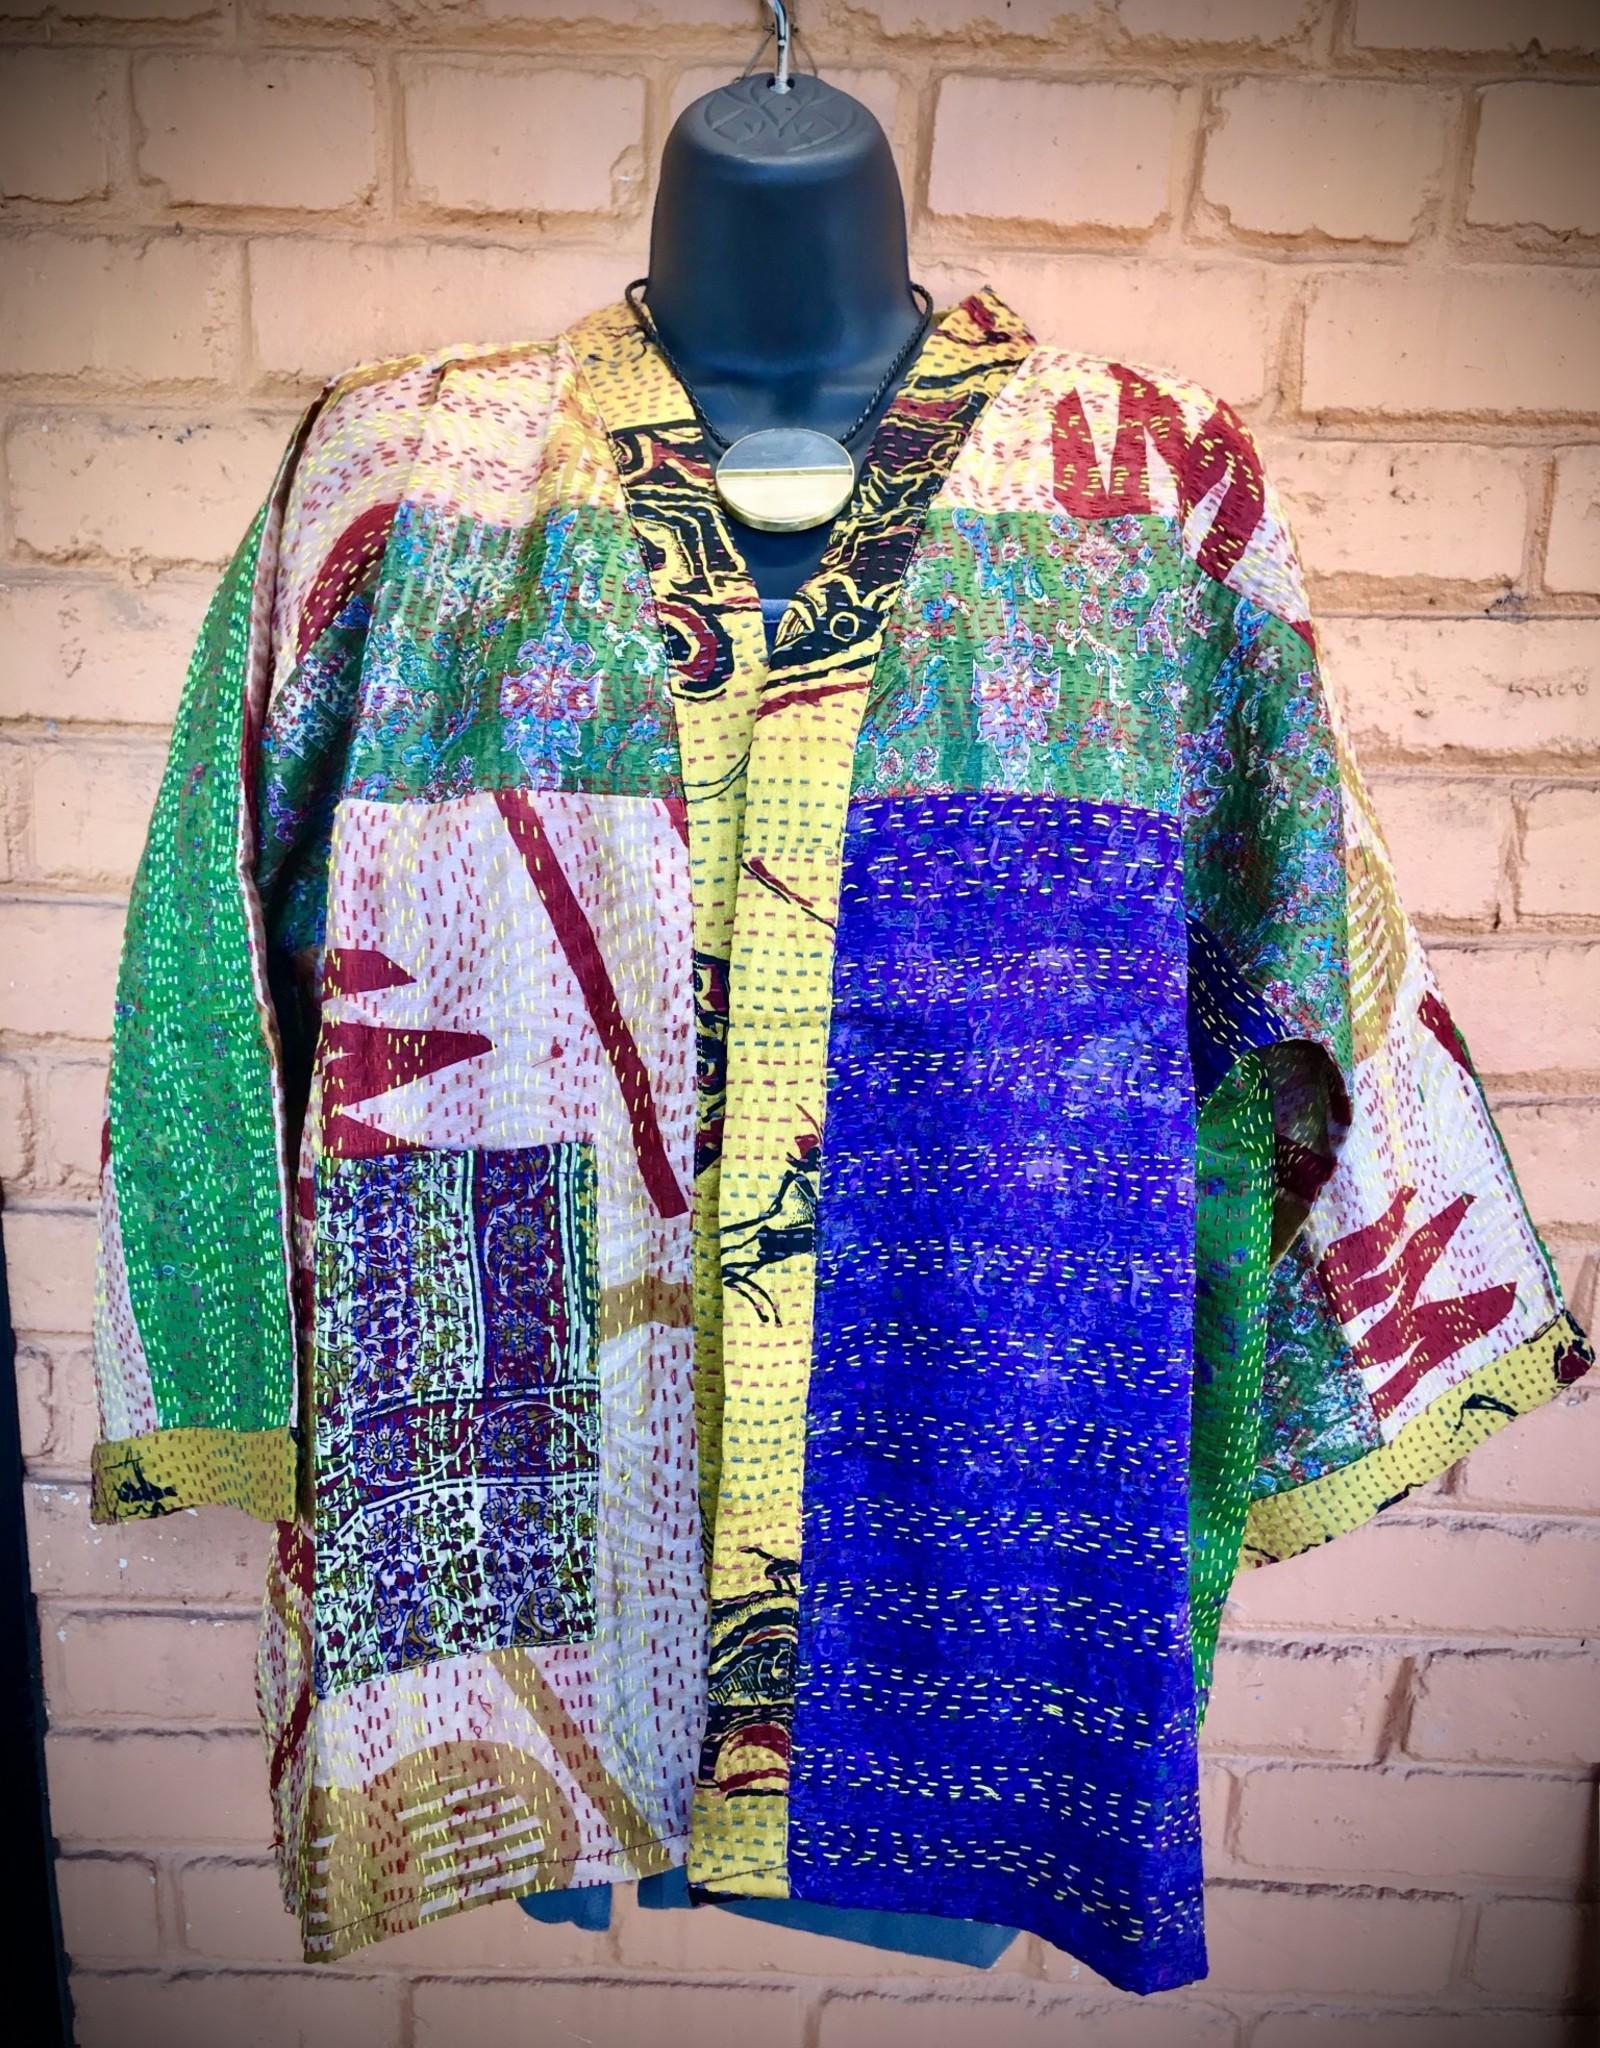 Kimono Jacket, Sari Kantha Stitched Silk, India